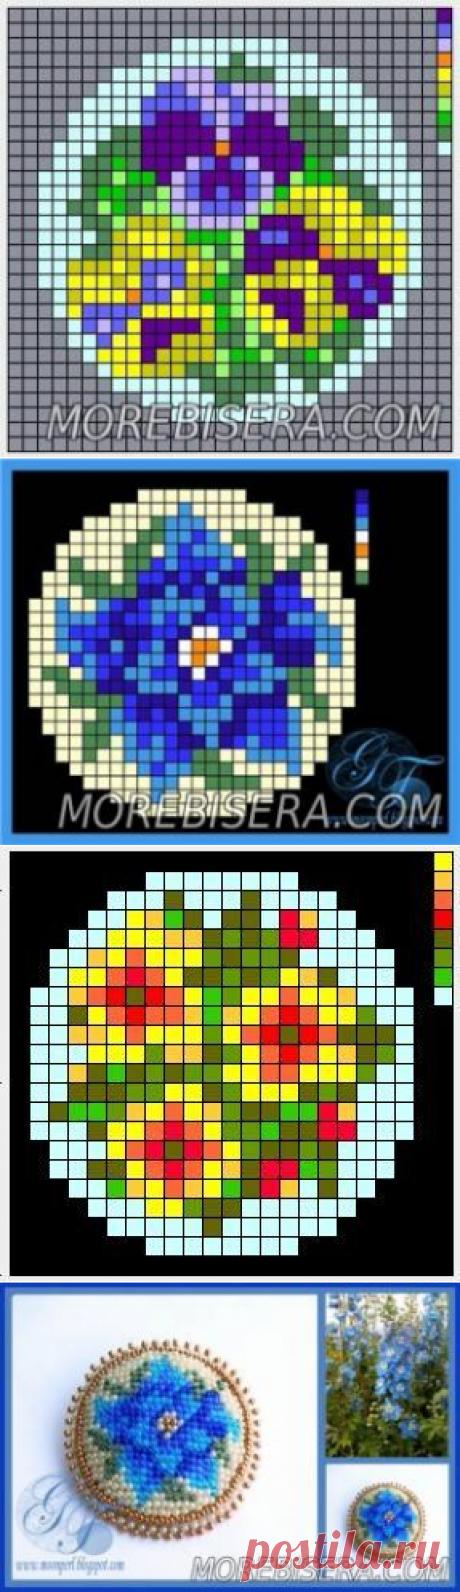 Схемы для вышивки брошей с цветами - Цветы - Схемы плетения бисером - Сокровищница статей - Плетение бисером украшений, деревьев и цветов, схемы мк